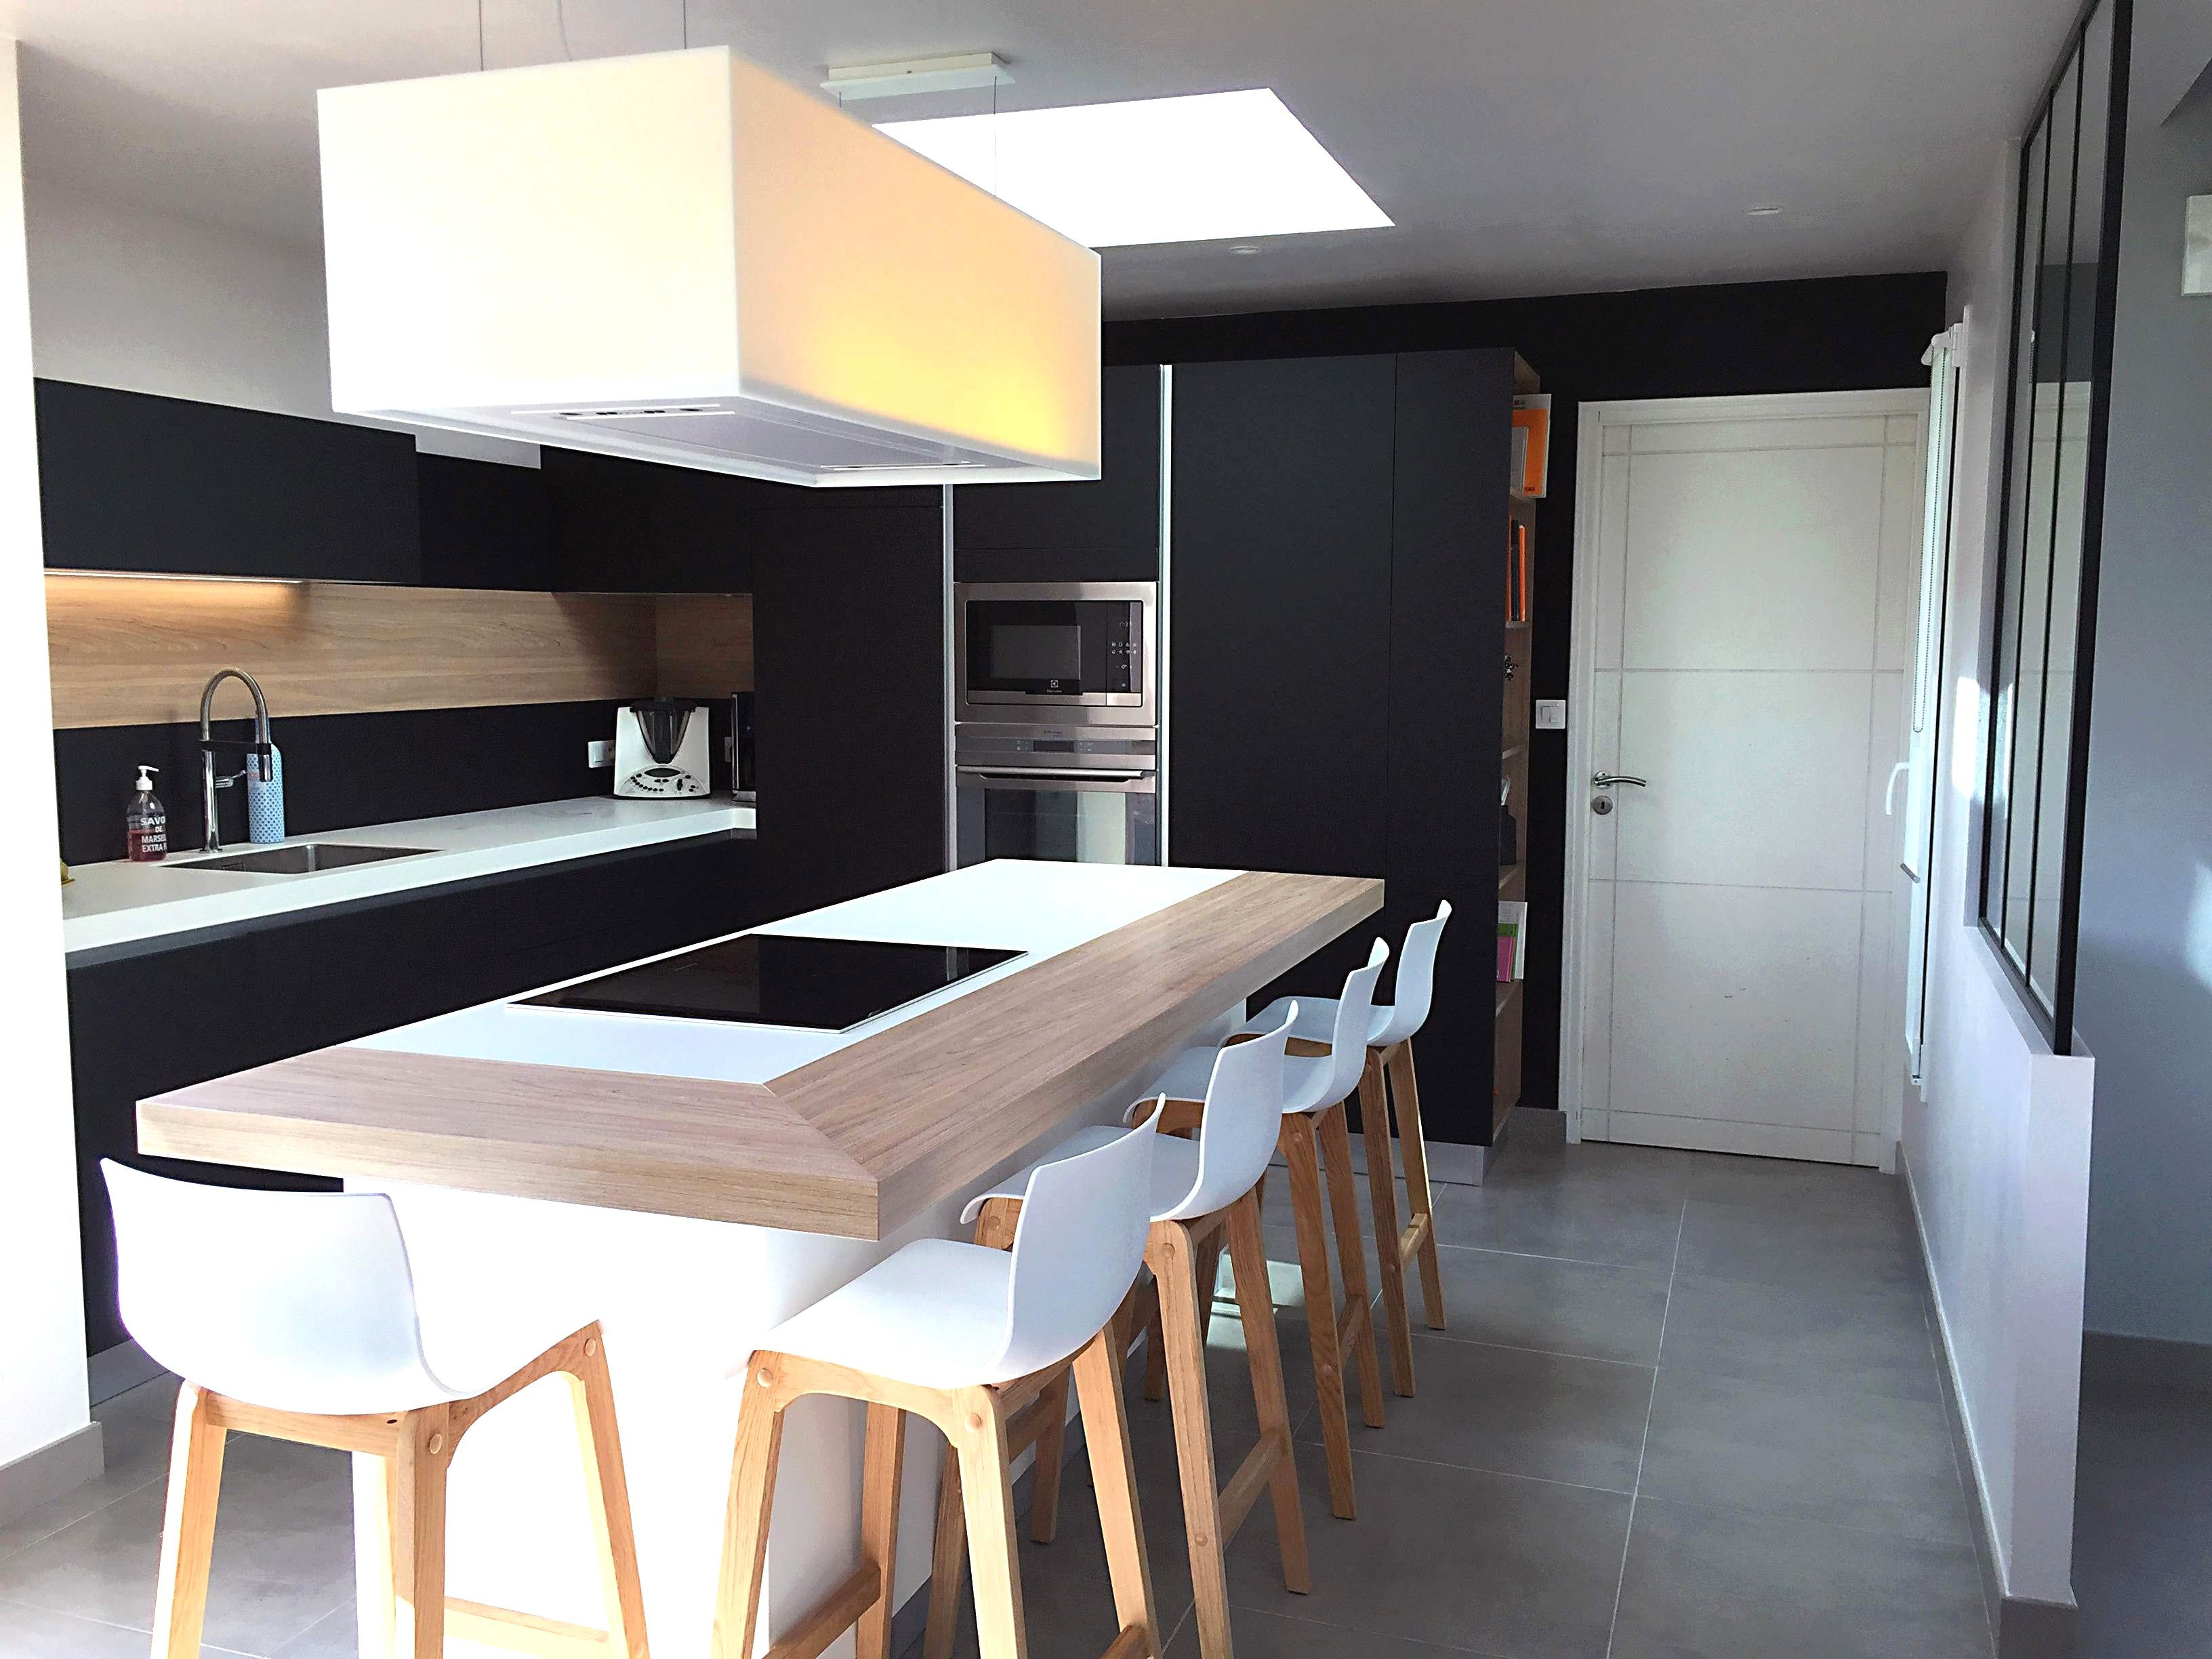 Table Salon Conforama Beau Galerie Table De Cuisine Conforama Concernant Votre Propre Maison Avec